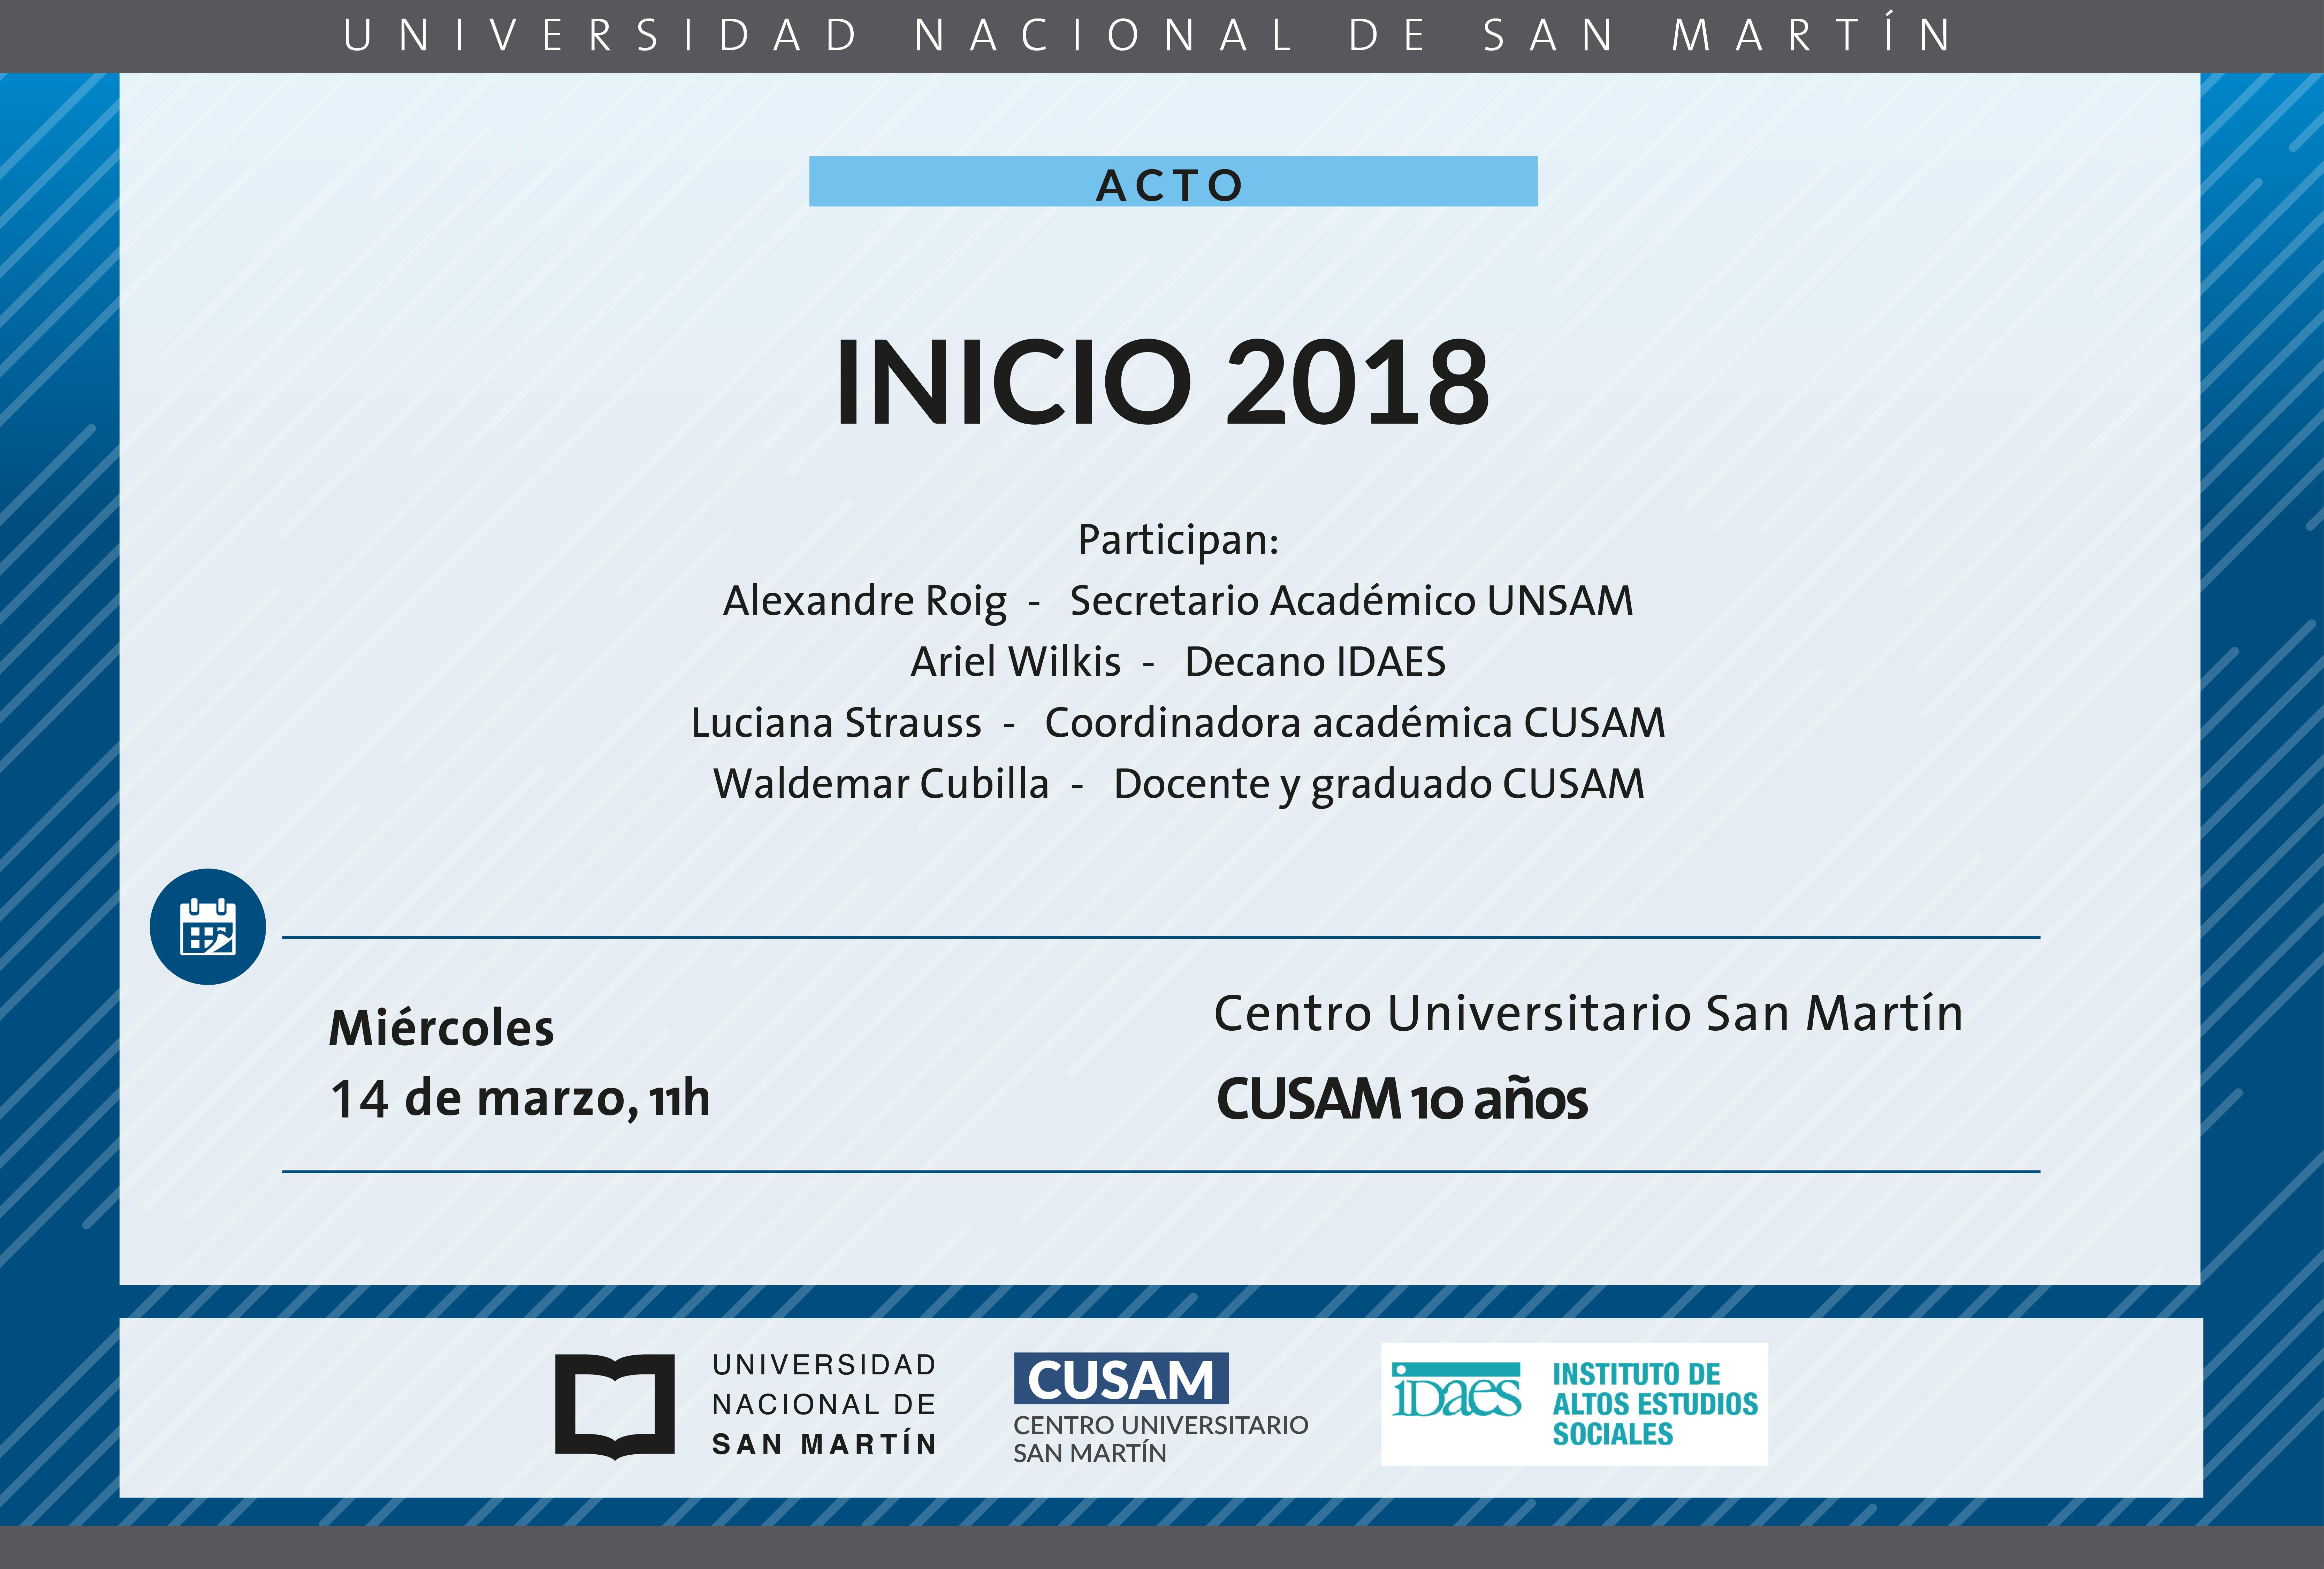 acto_inicio2018-01